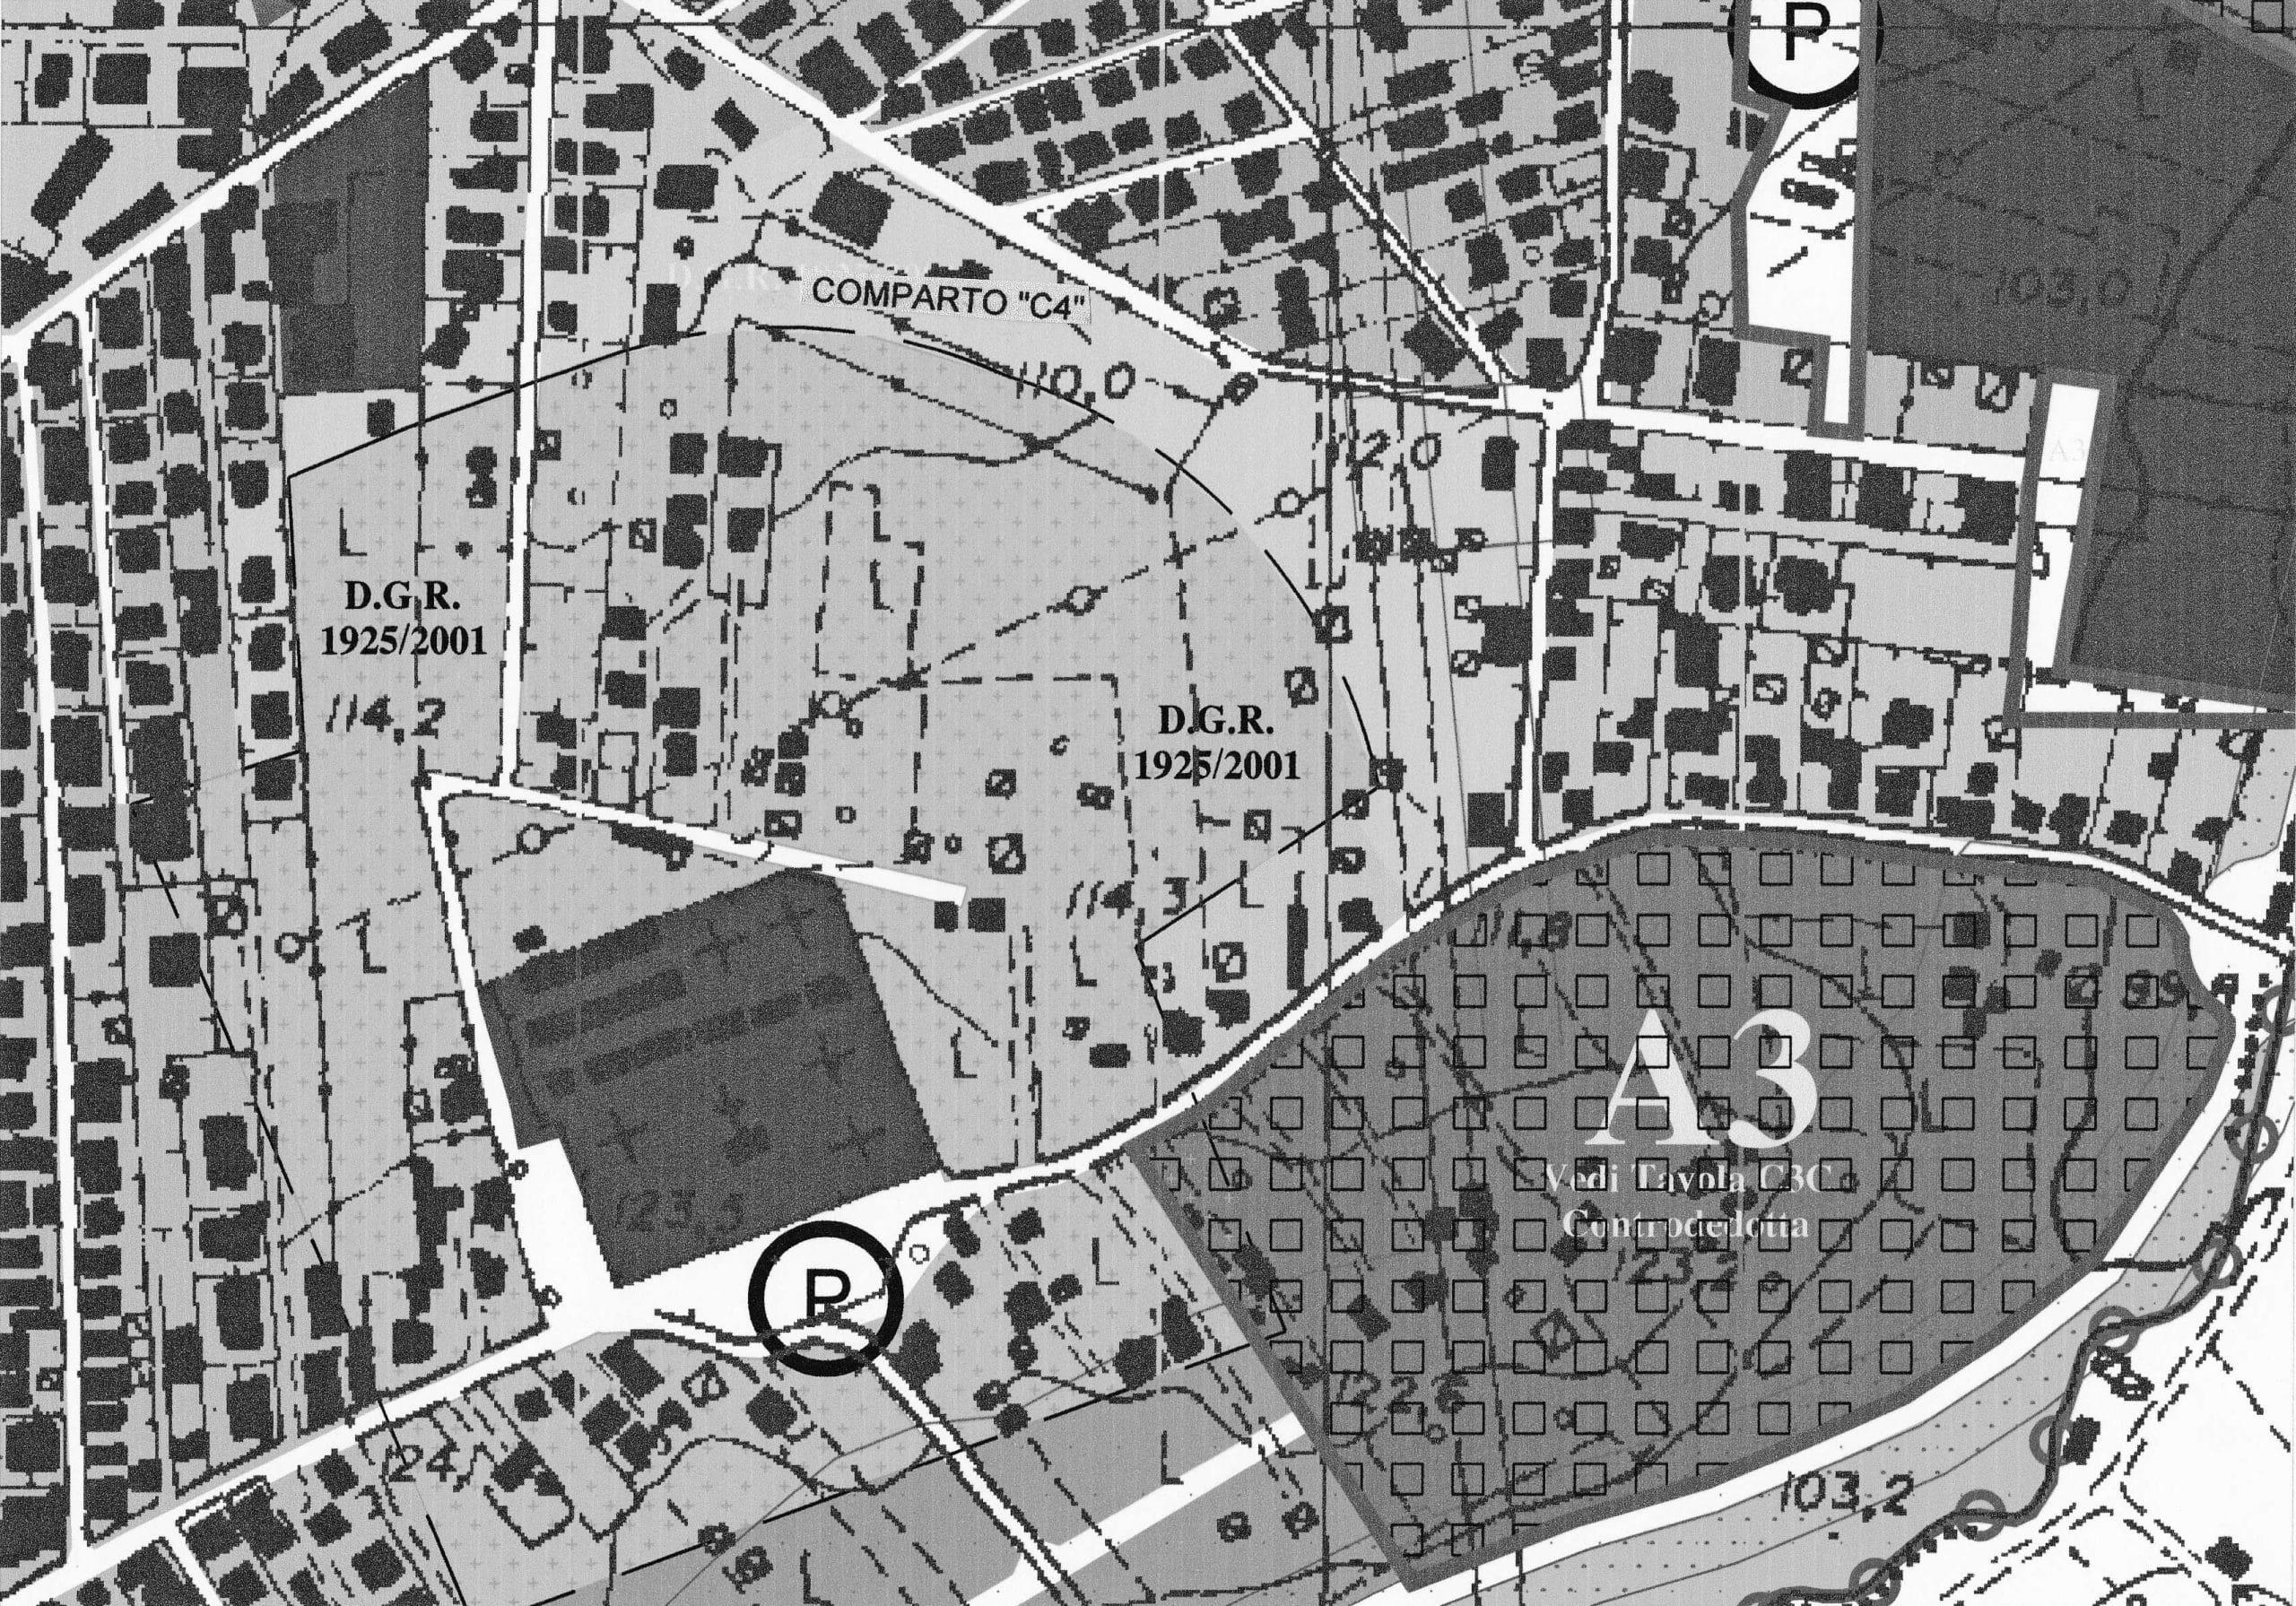 19 - Progetto del Comparto C4 del PRG di Monterotondo (RM) in loc. Tufarelle; con P. Lacorte - Stralcio del PRG